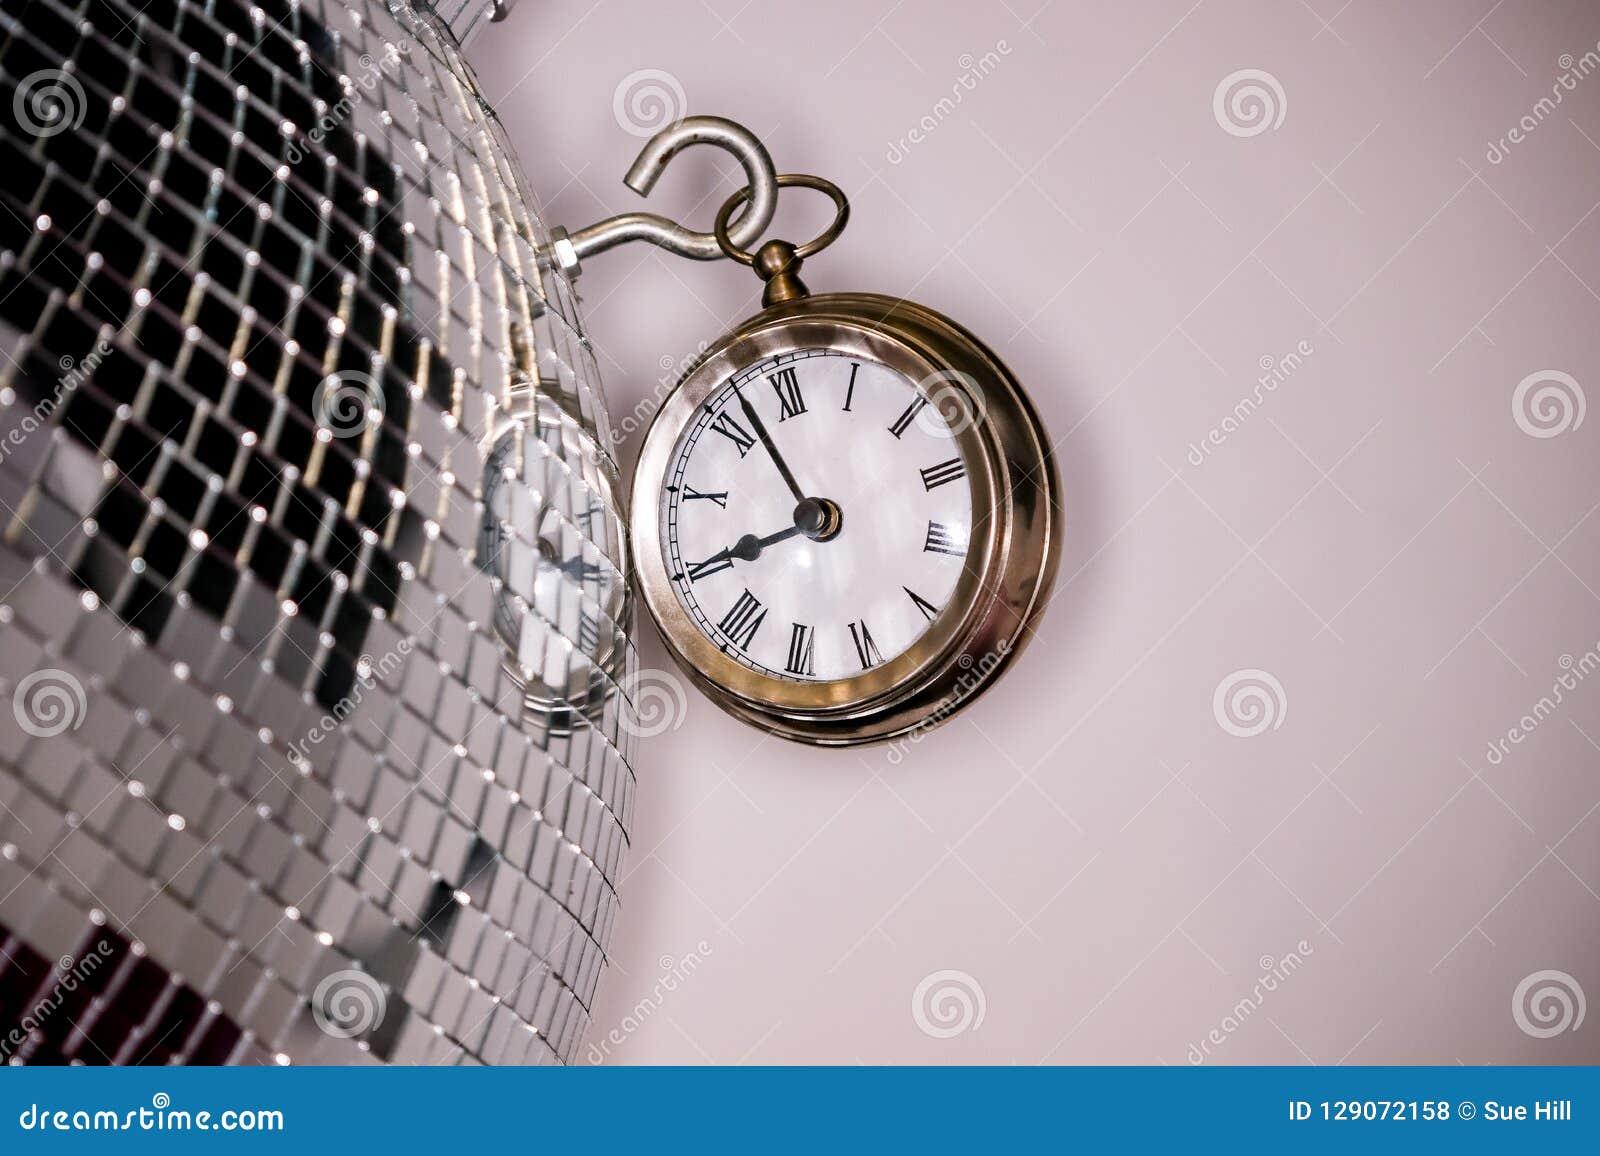 Los Arty tiraron de un reloj grande del reloj de bolsillo del metal al lado de una bola de discoteca de plata